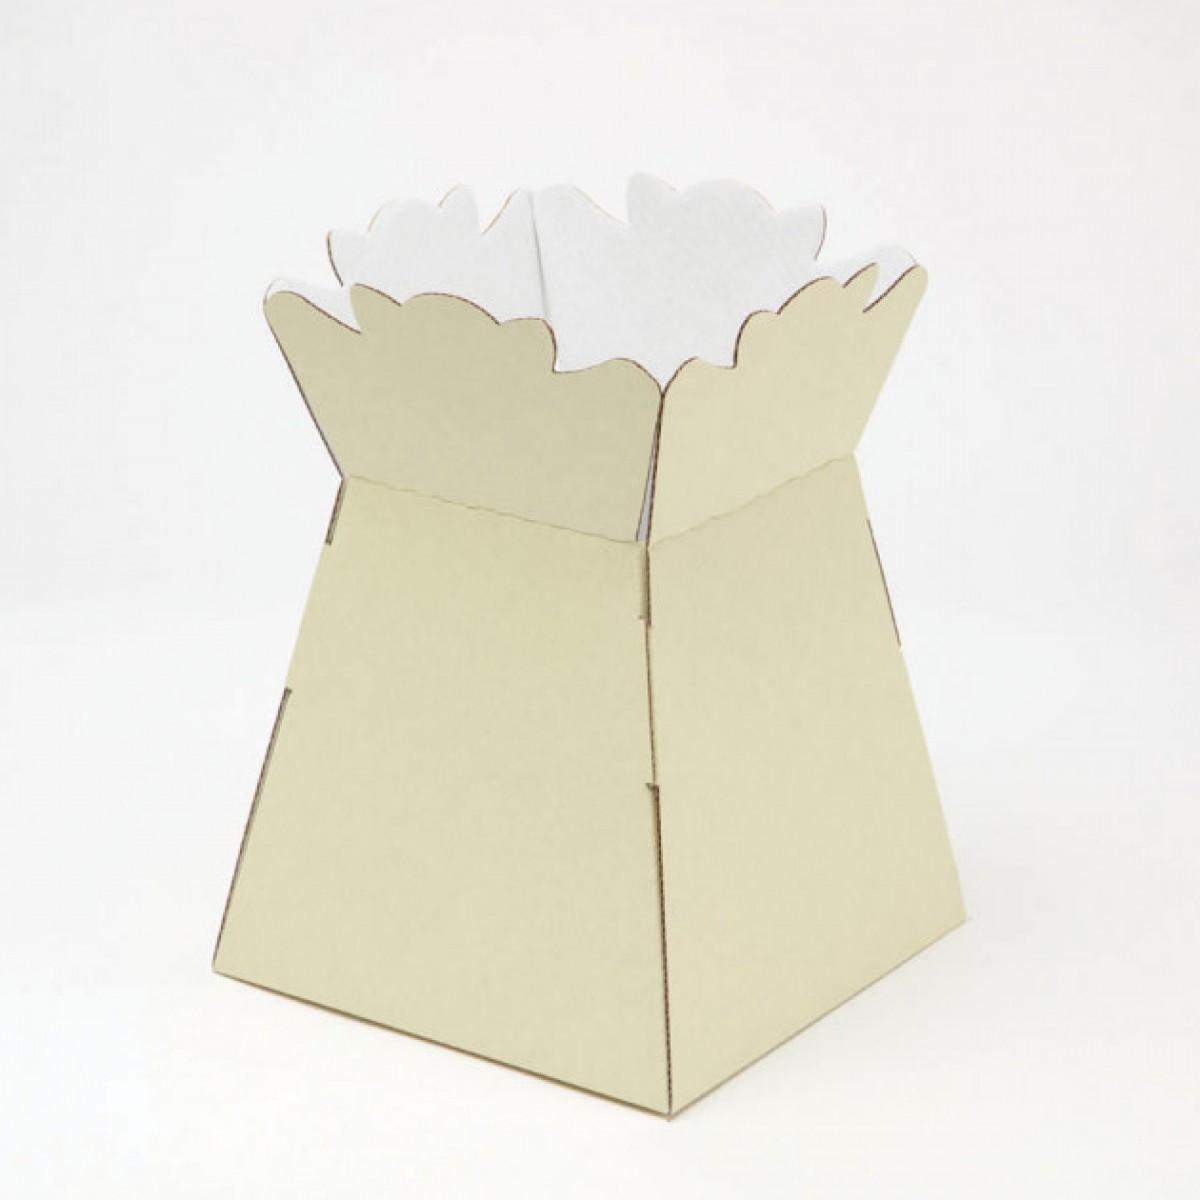 Porto Vase Cream 17x24cm - Pack of 5